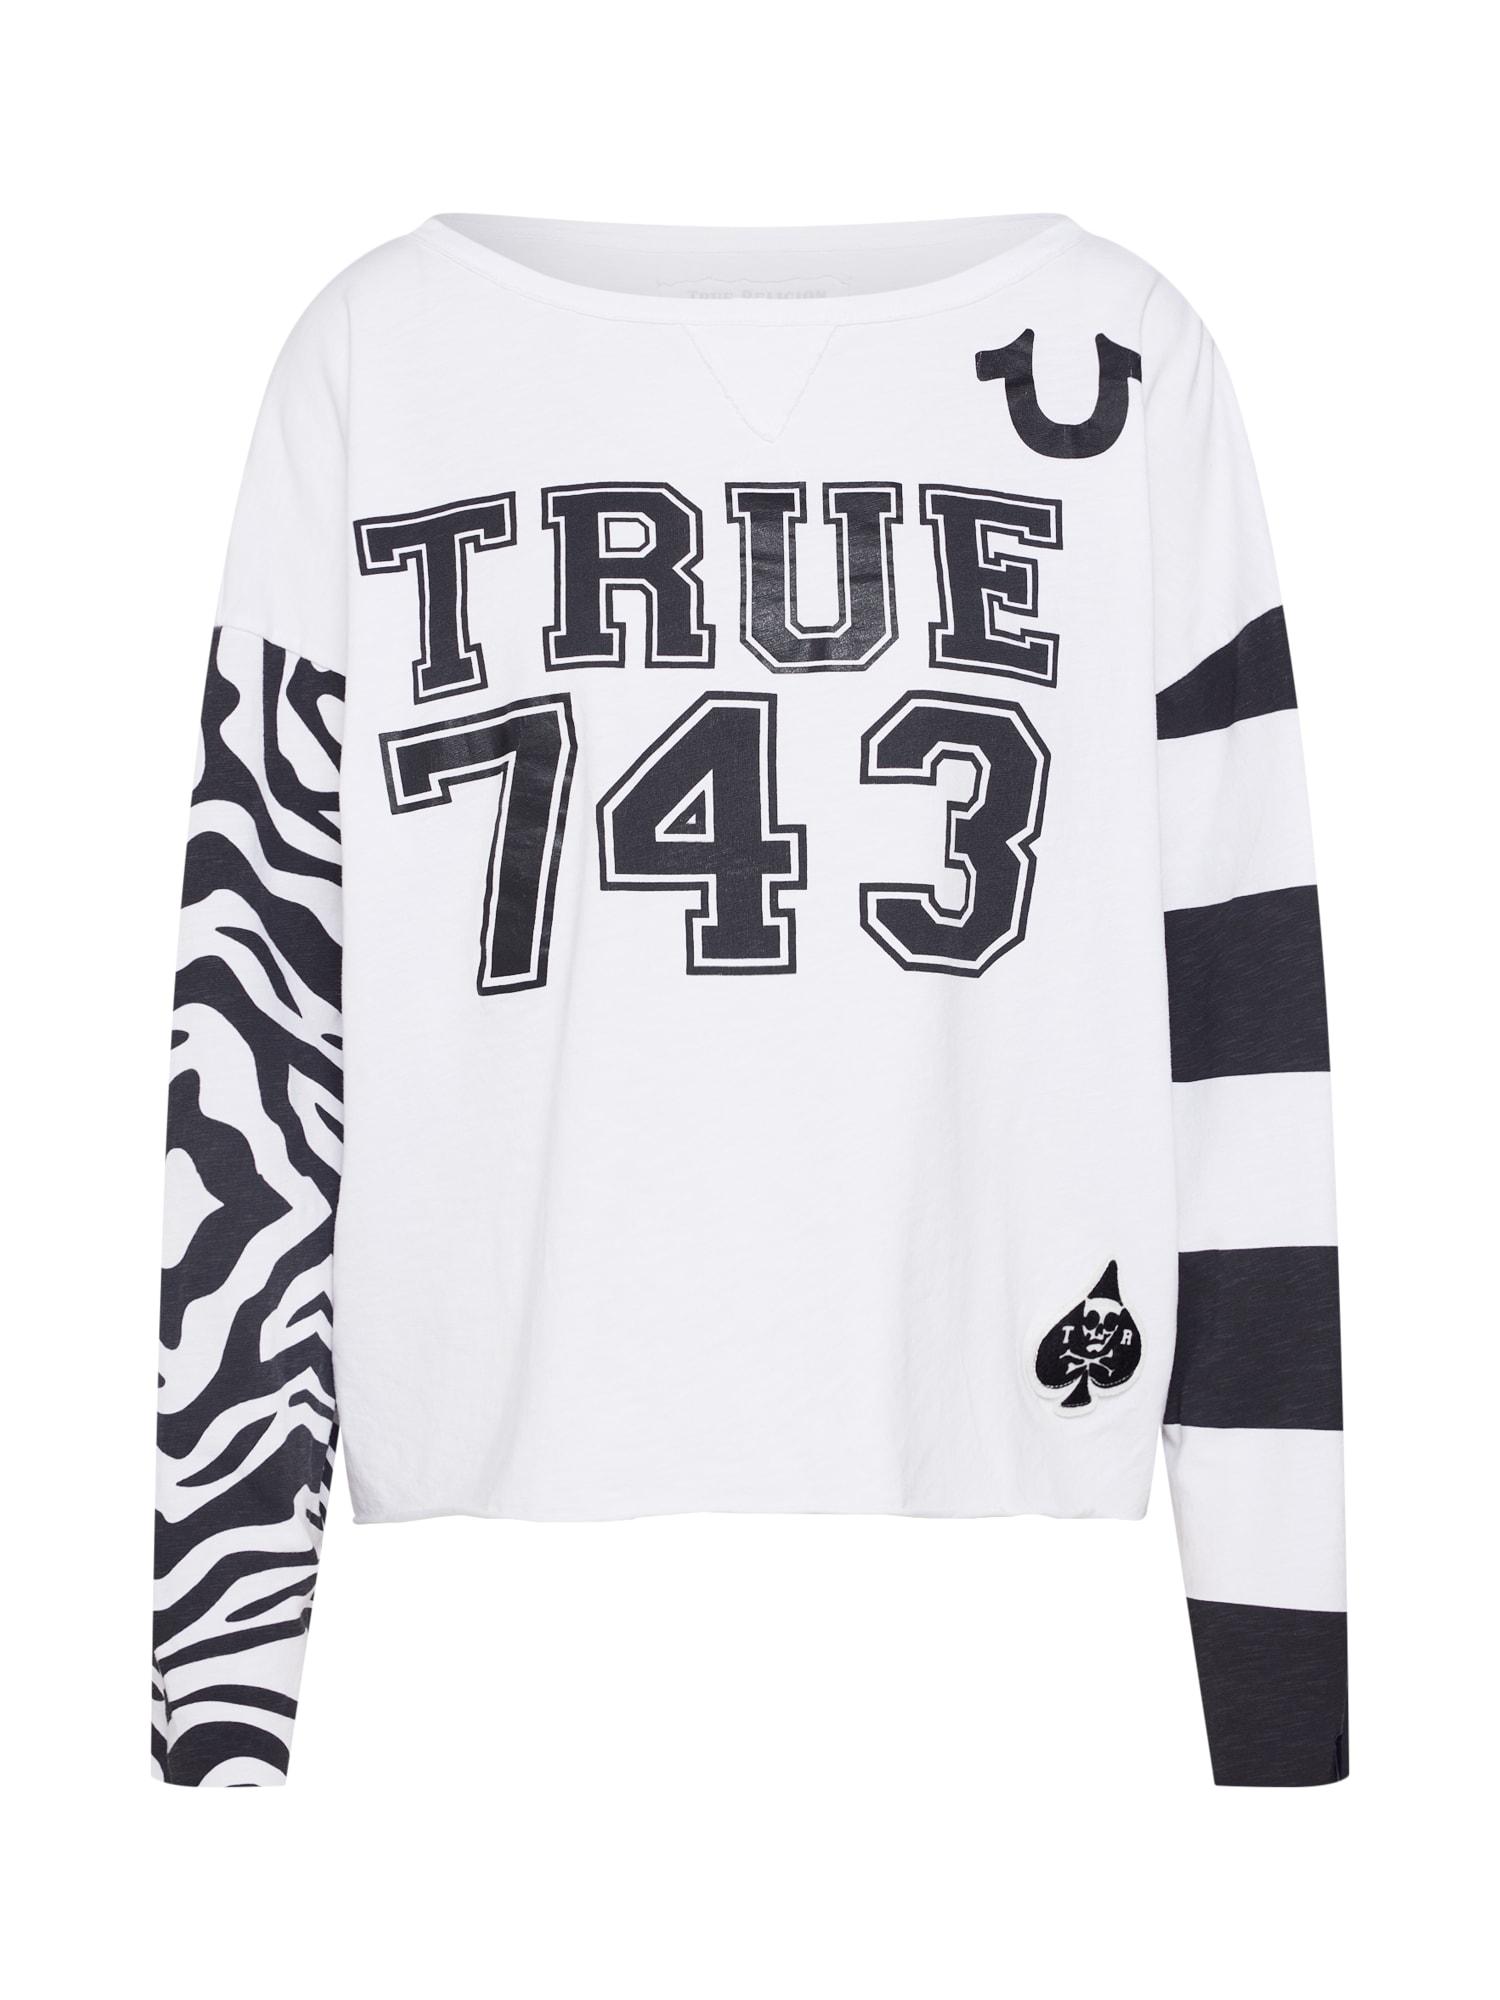 Tričko LS ZEBRA TRUE 743 bílá True Religion